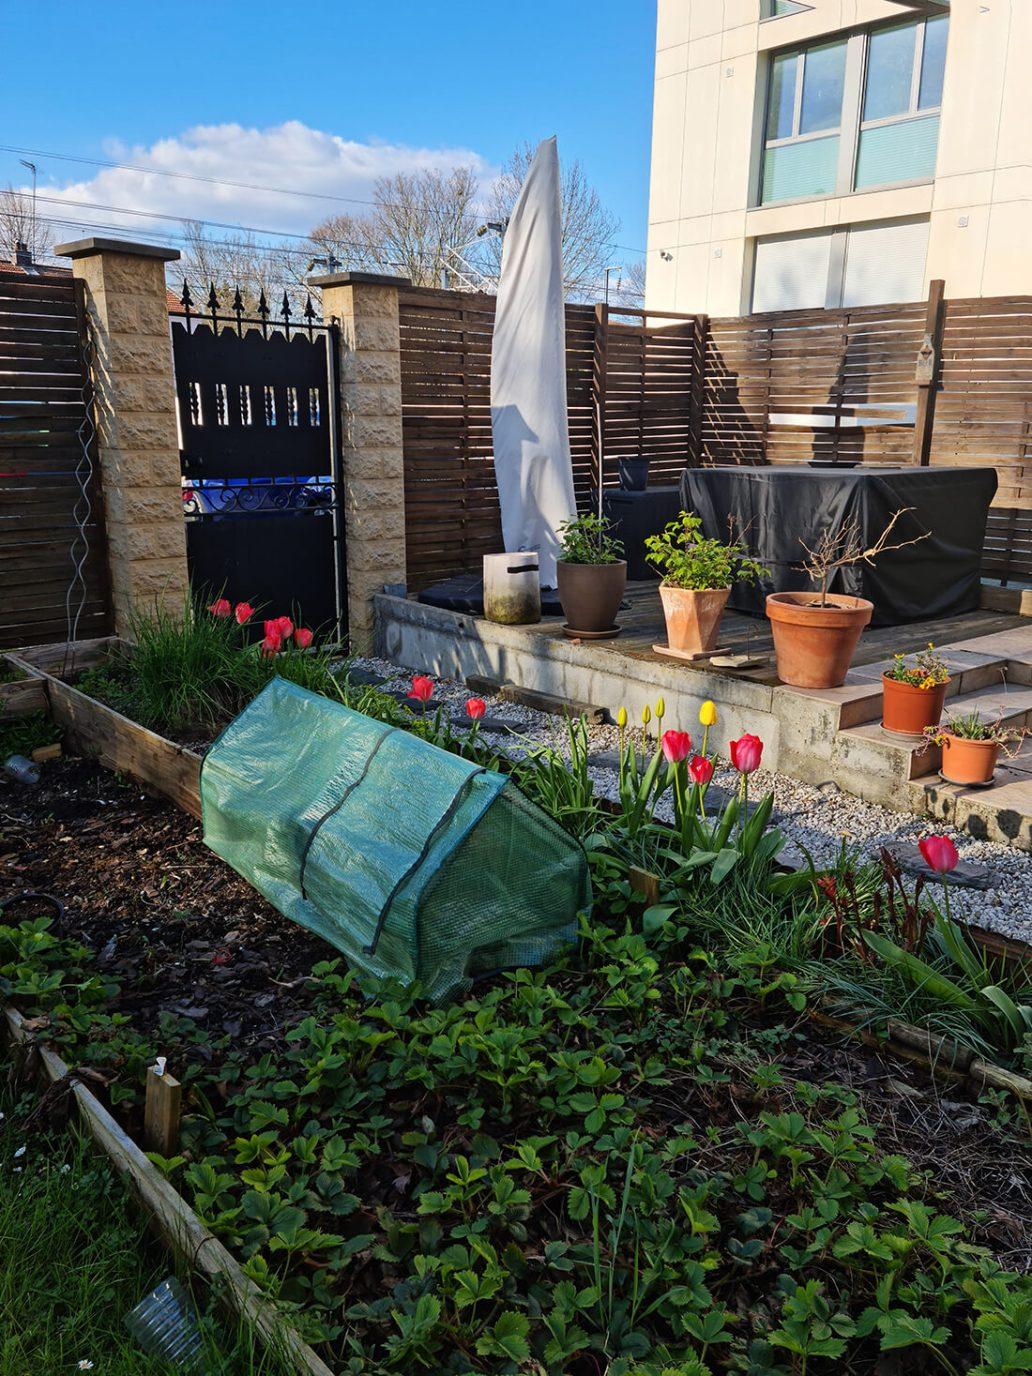 20210413 183335 - Peindre un mur en béton, la suite du relooking jardin